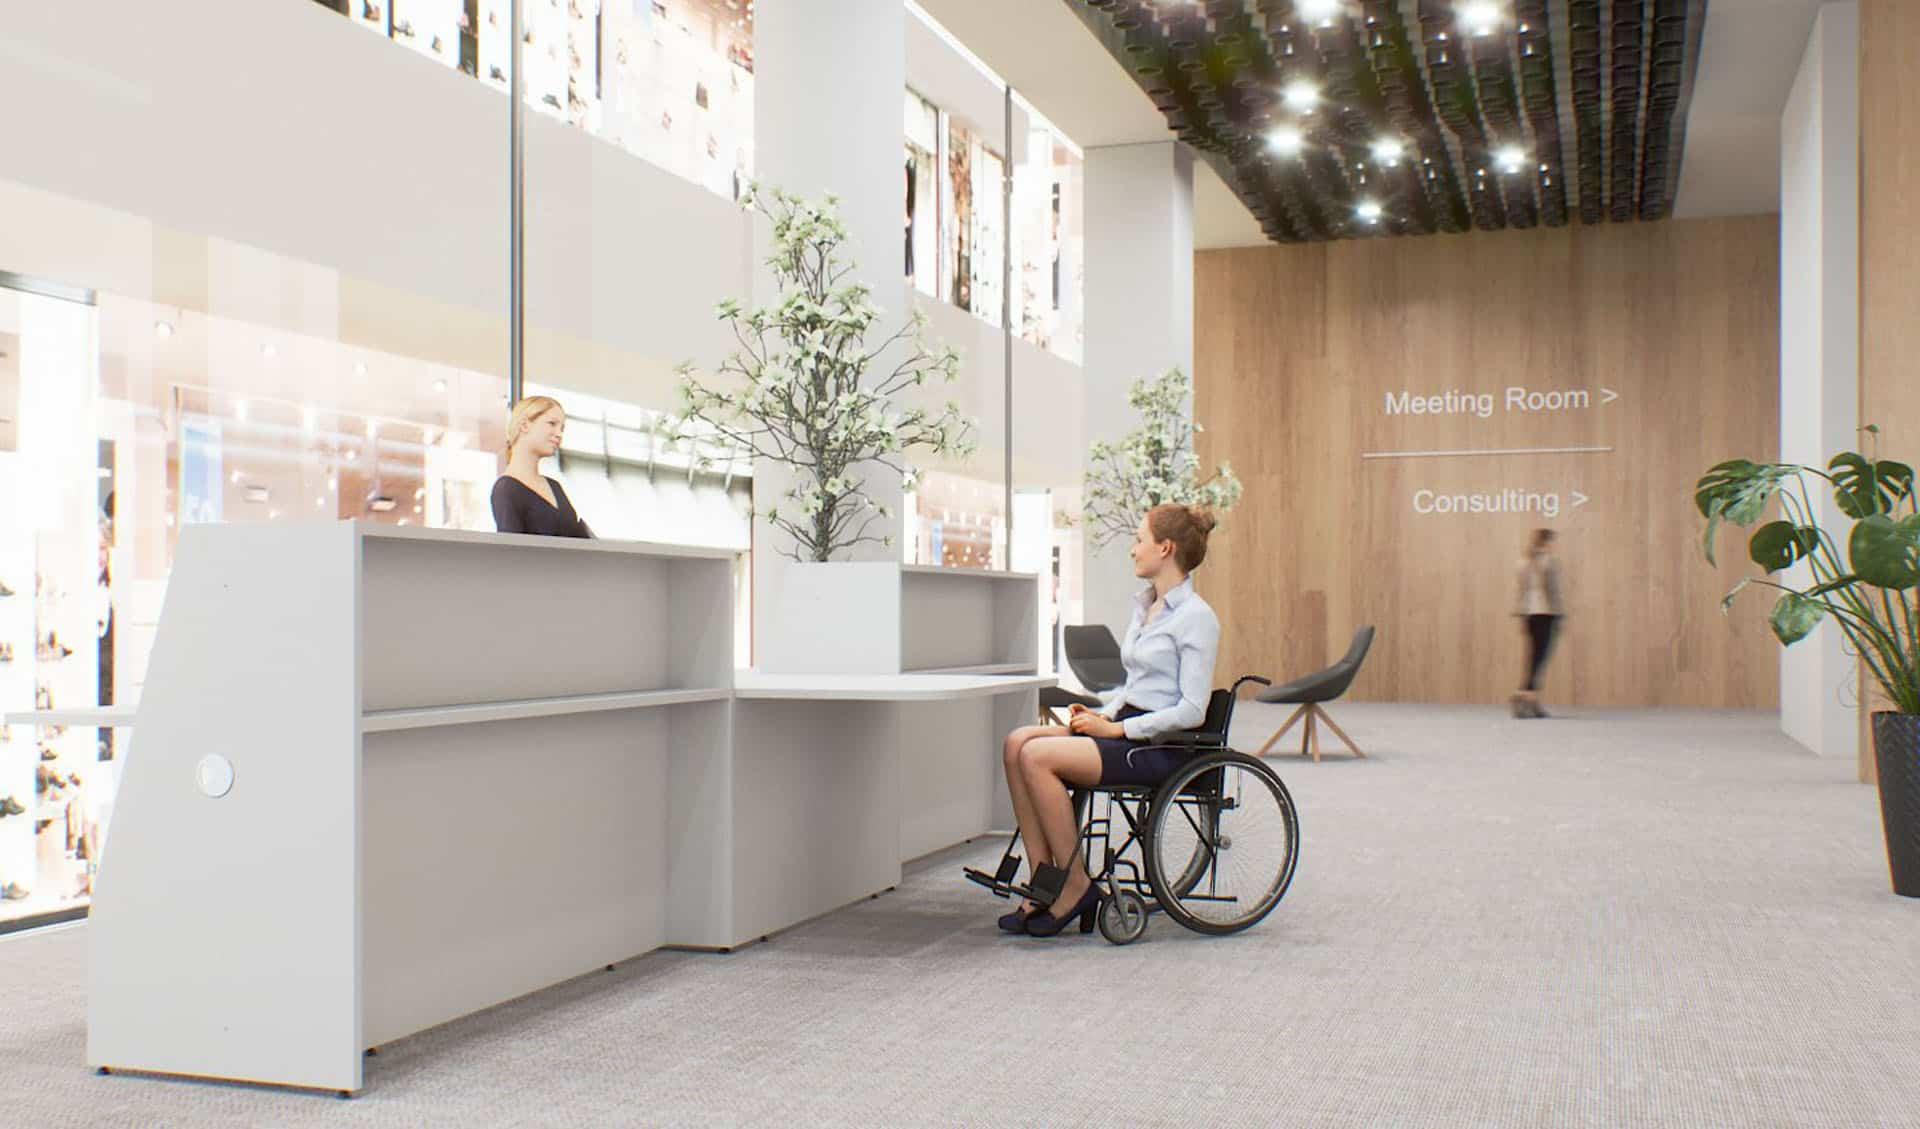 Banque d'accueil à Caen, Bayeux (Calvados-14) en Normandie - Buronomic Bienvenue PMR